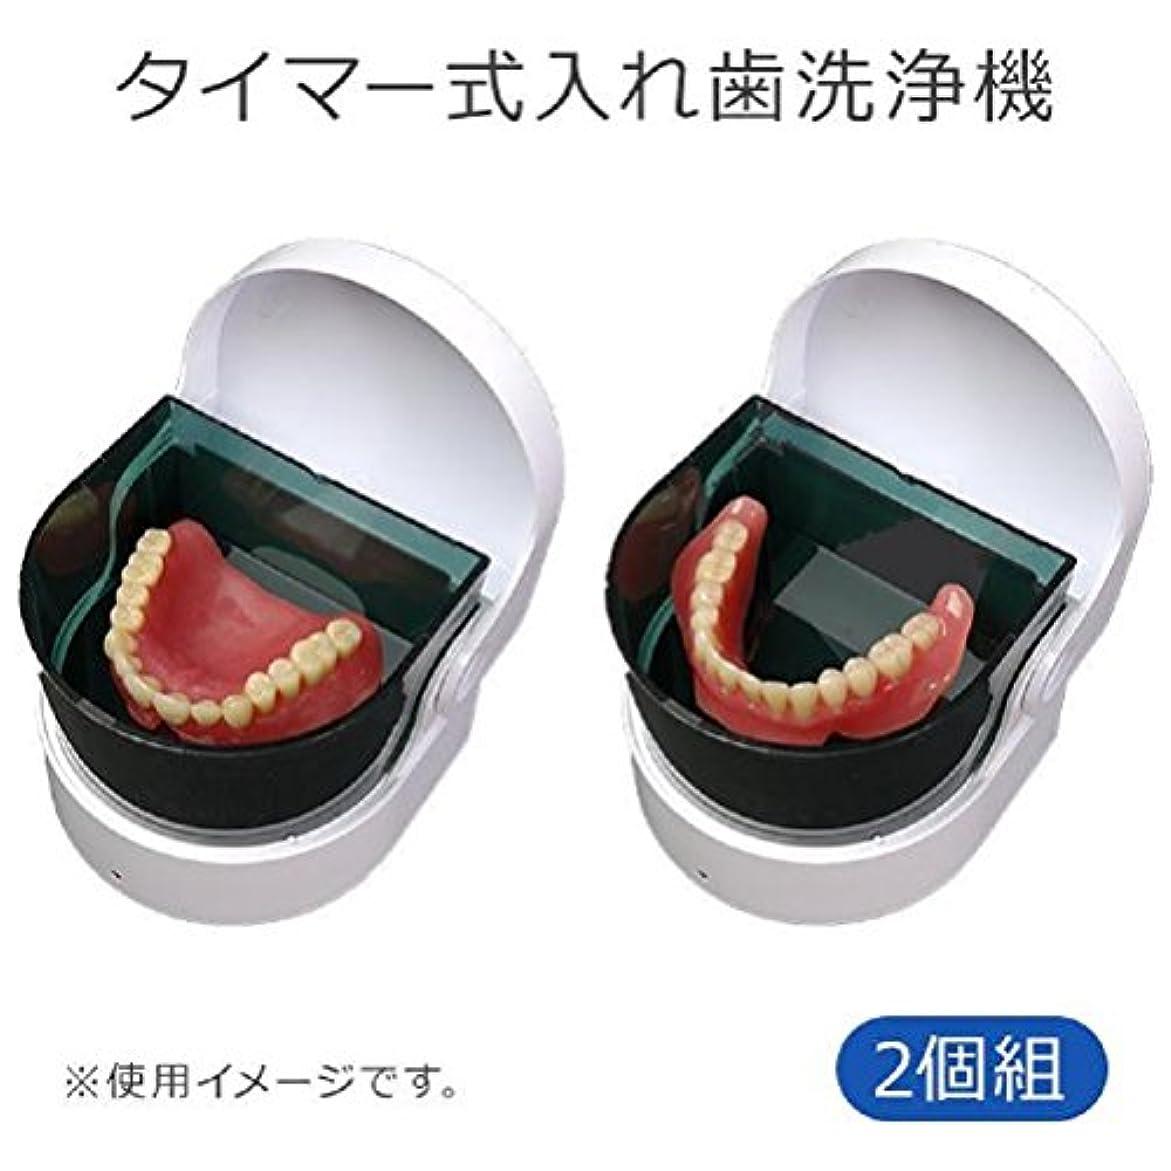 一見あなたはデクリメントタイマー式入れ歯洗浄機 2個組 K12327